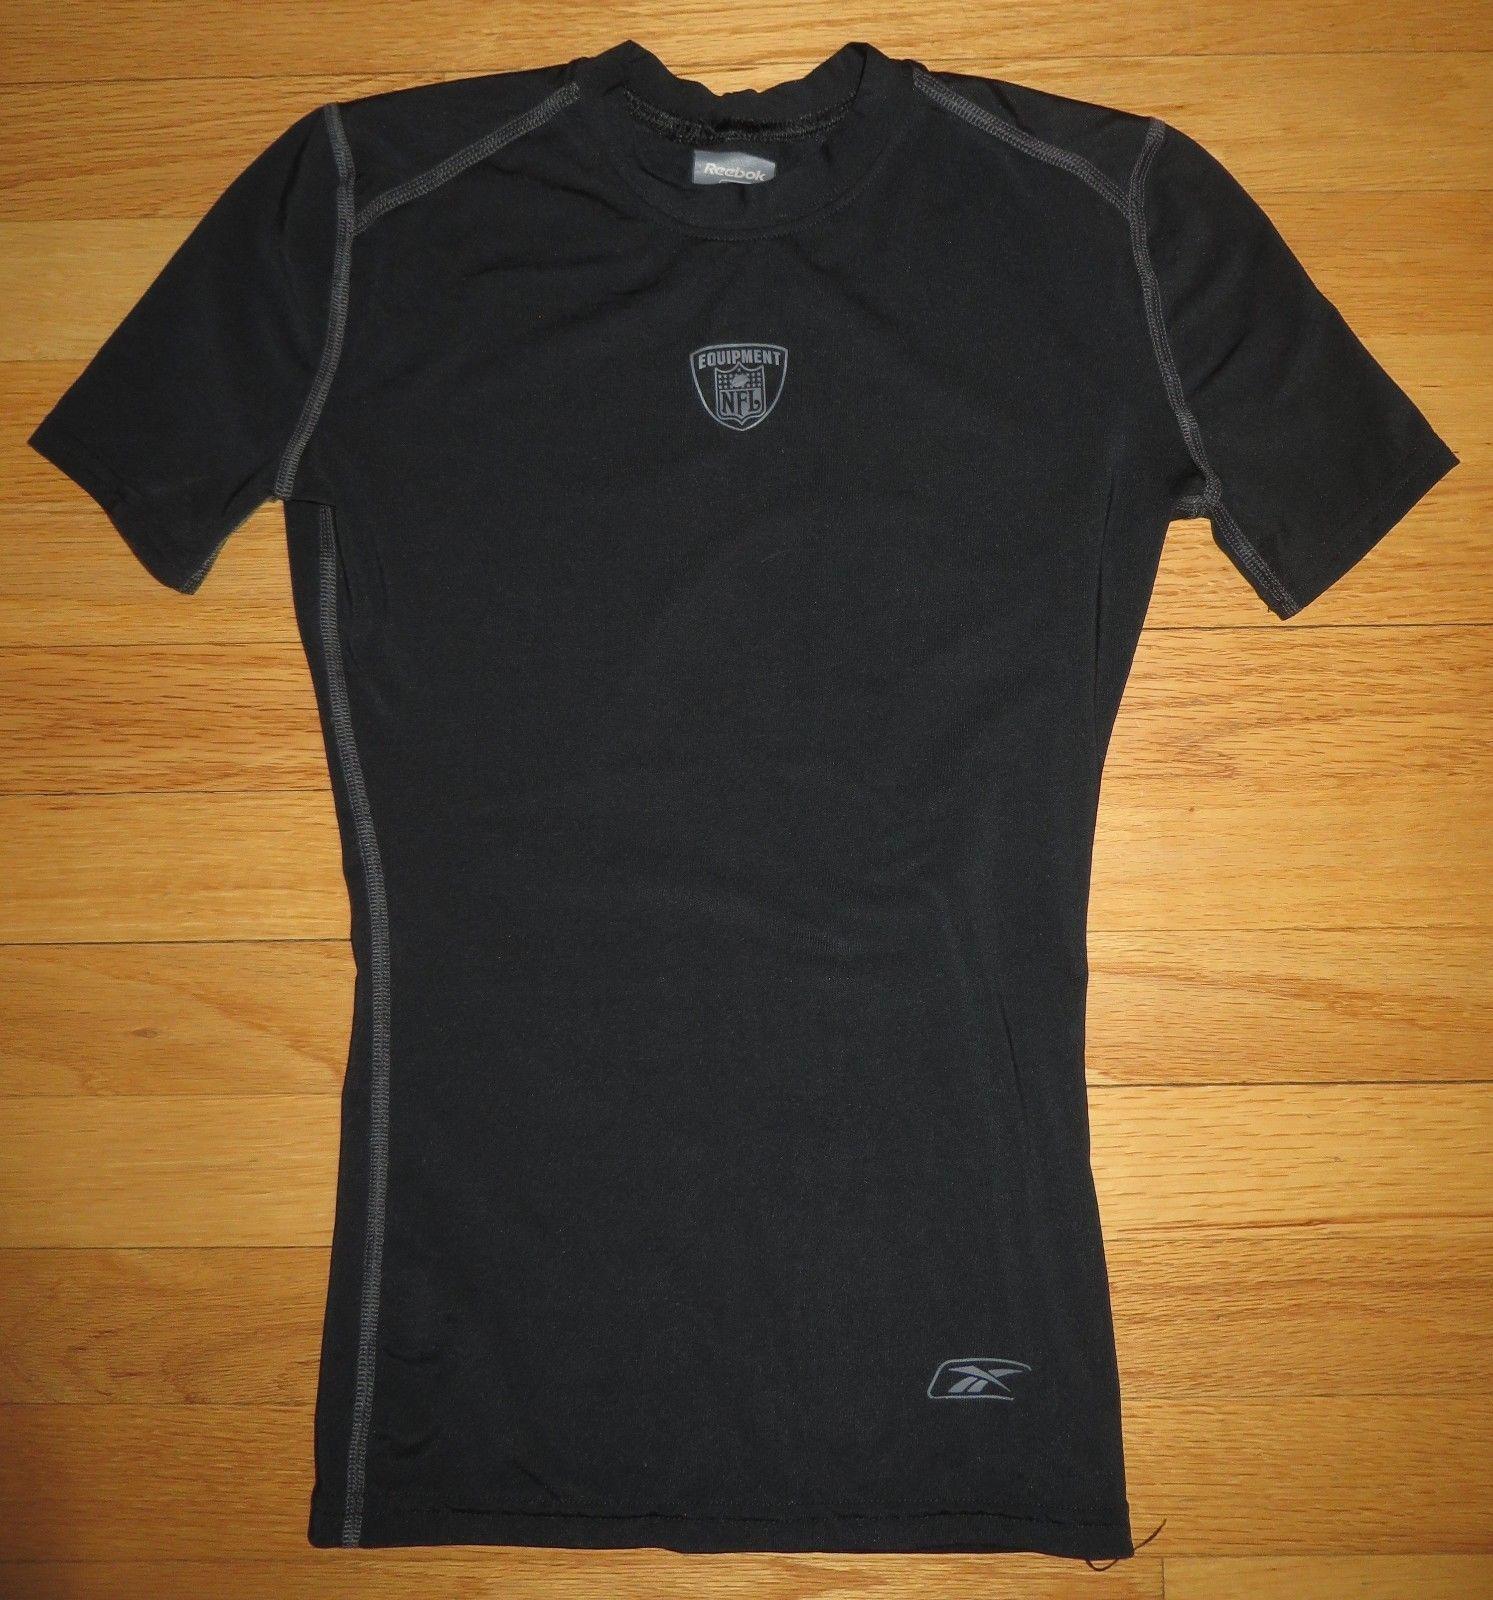 cbda55e21 Youth Reebok Nfl Equipment Football Short and 50 similar items